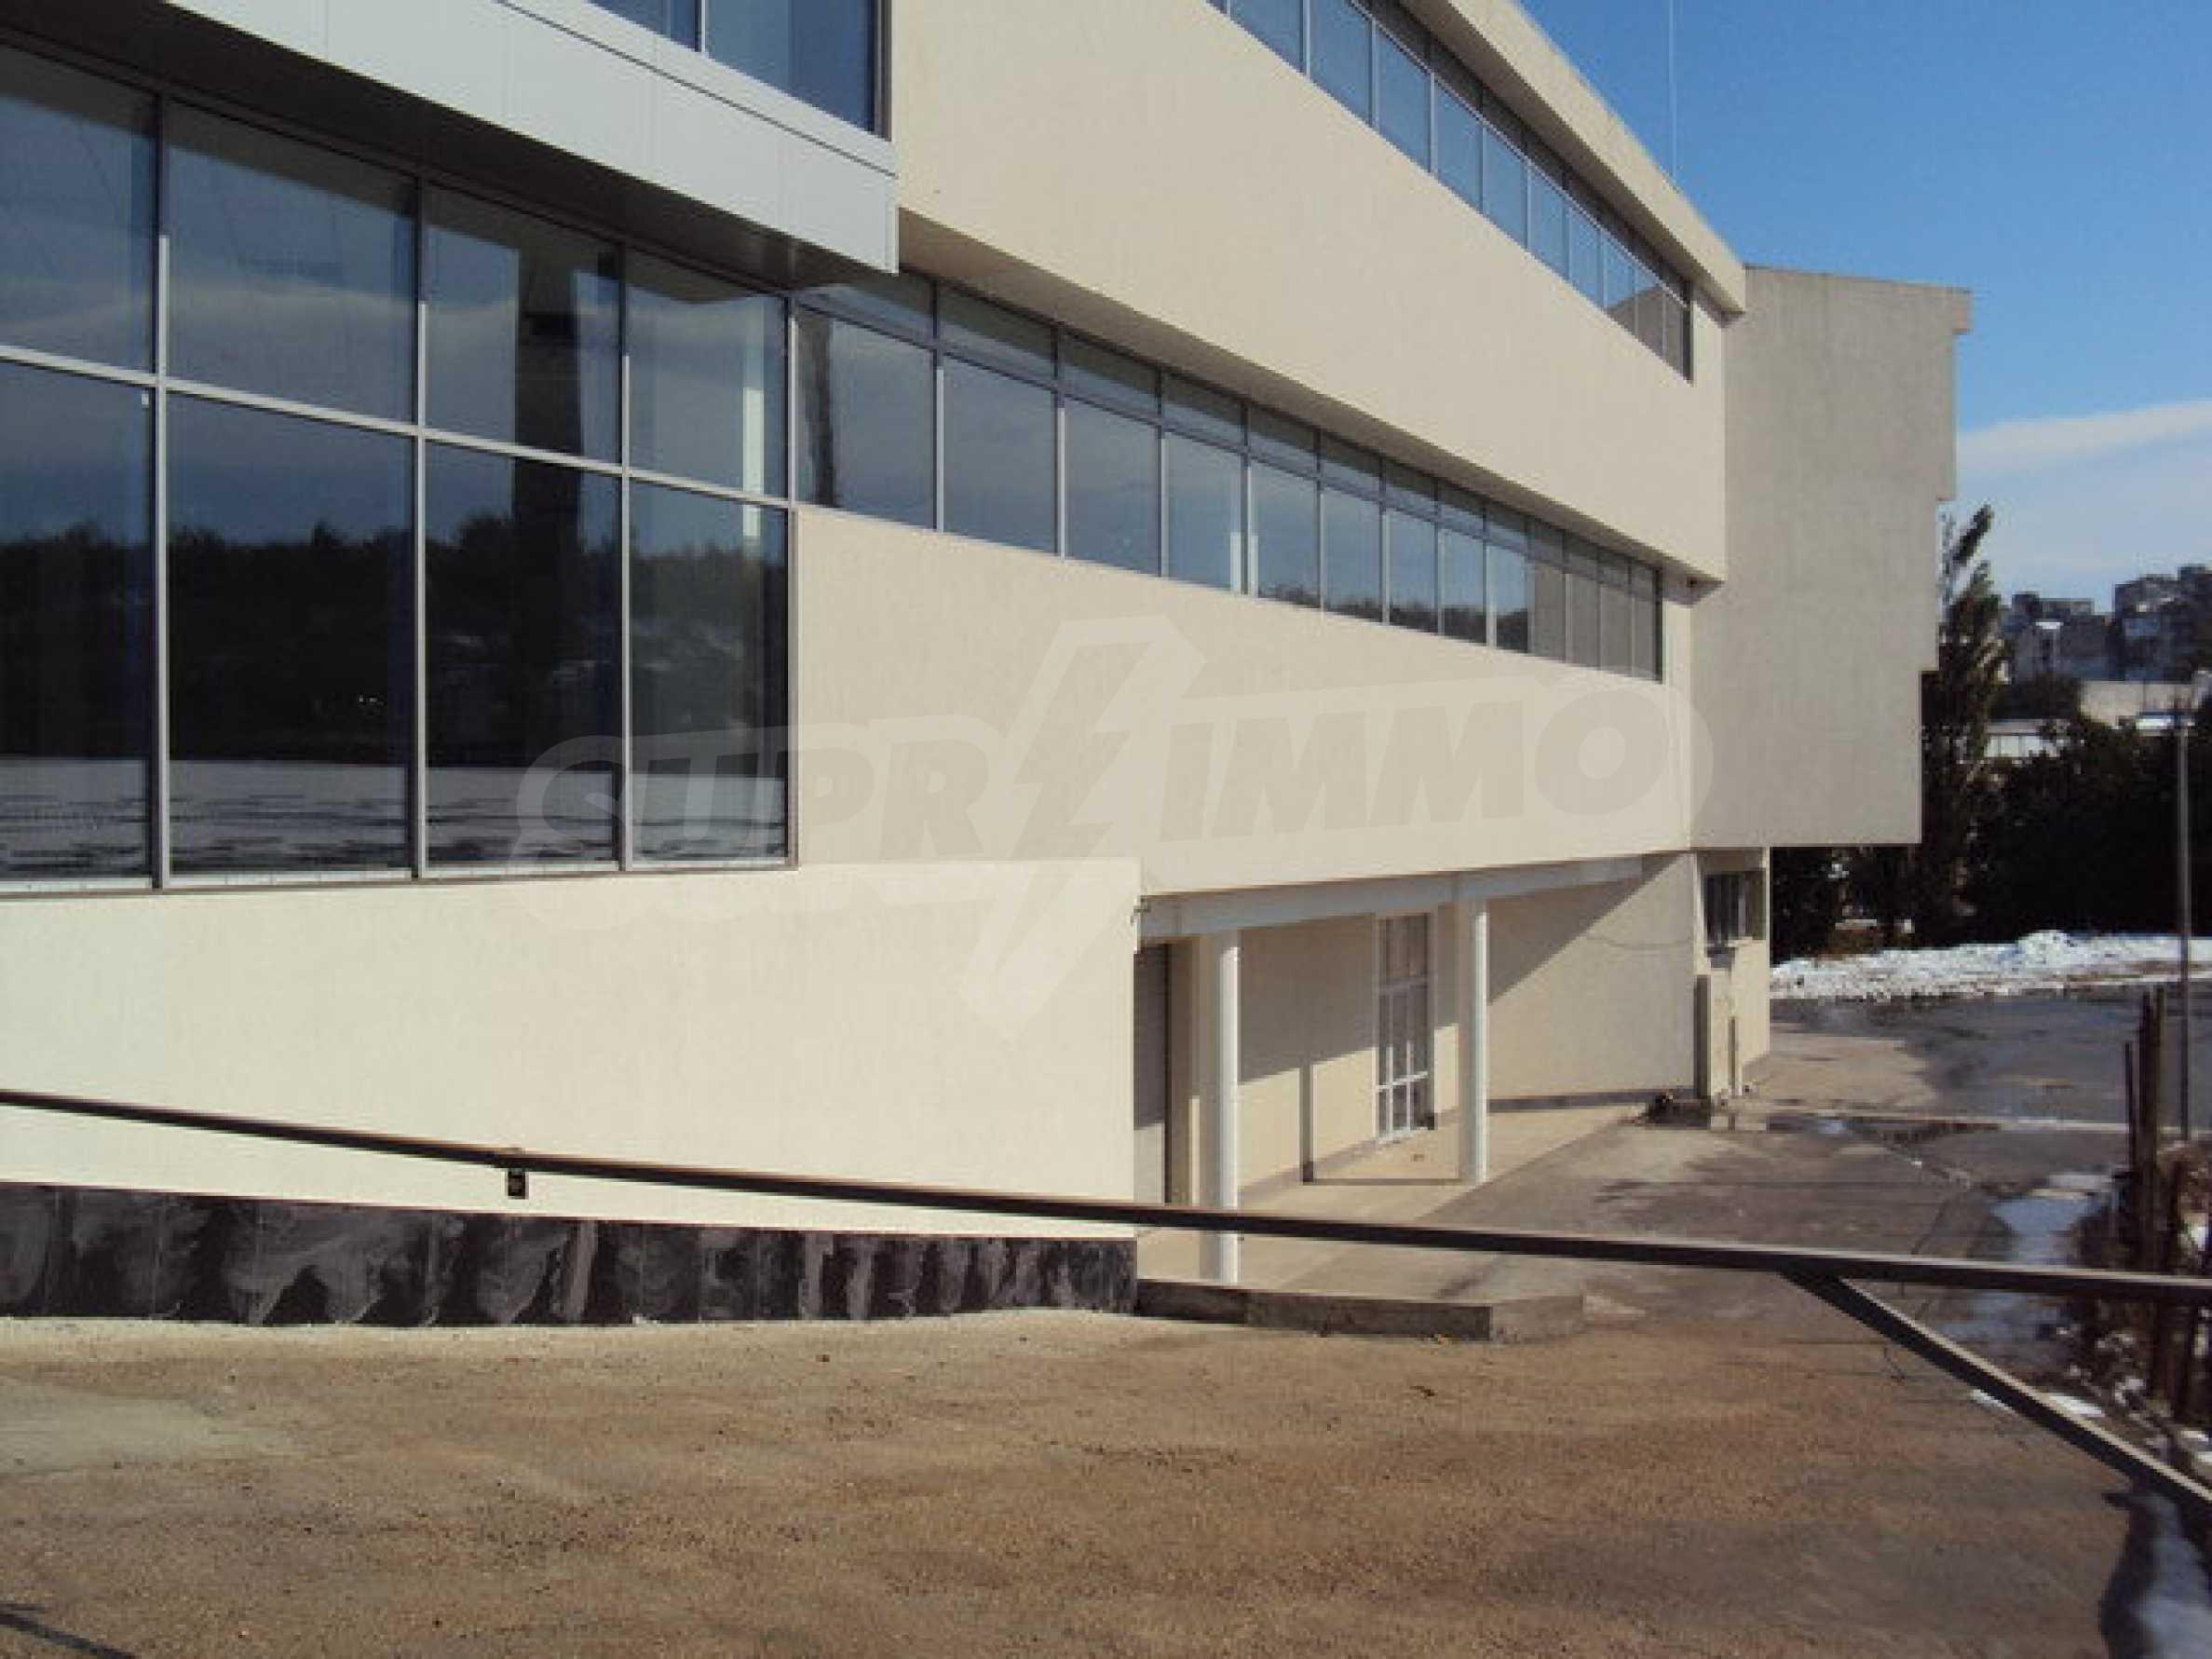 Komplex mit Geschäften, Lagern und Büros 15